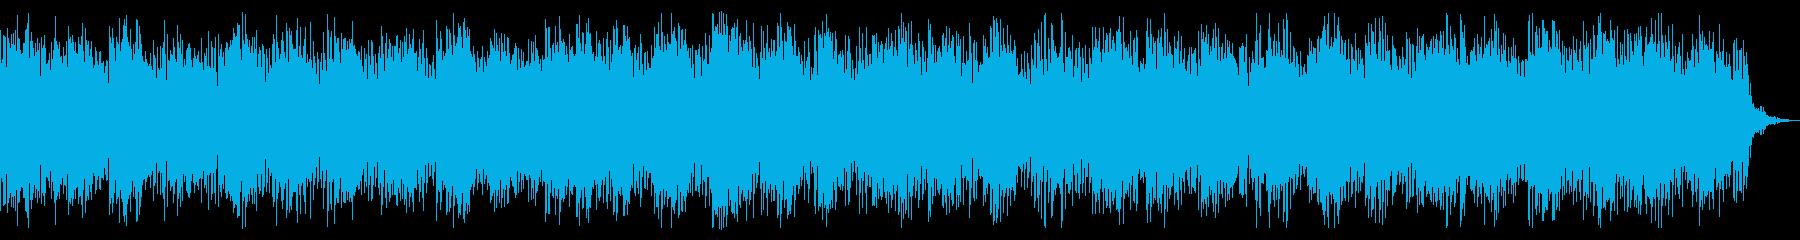 サイバーなダーク、ホラー向けBGMの再生済みの波形